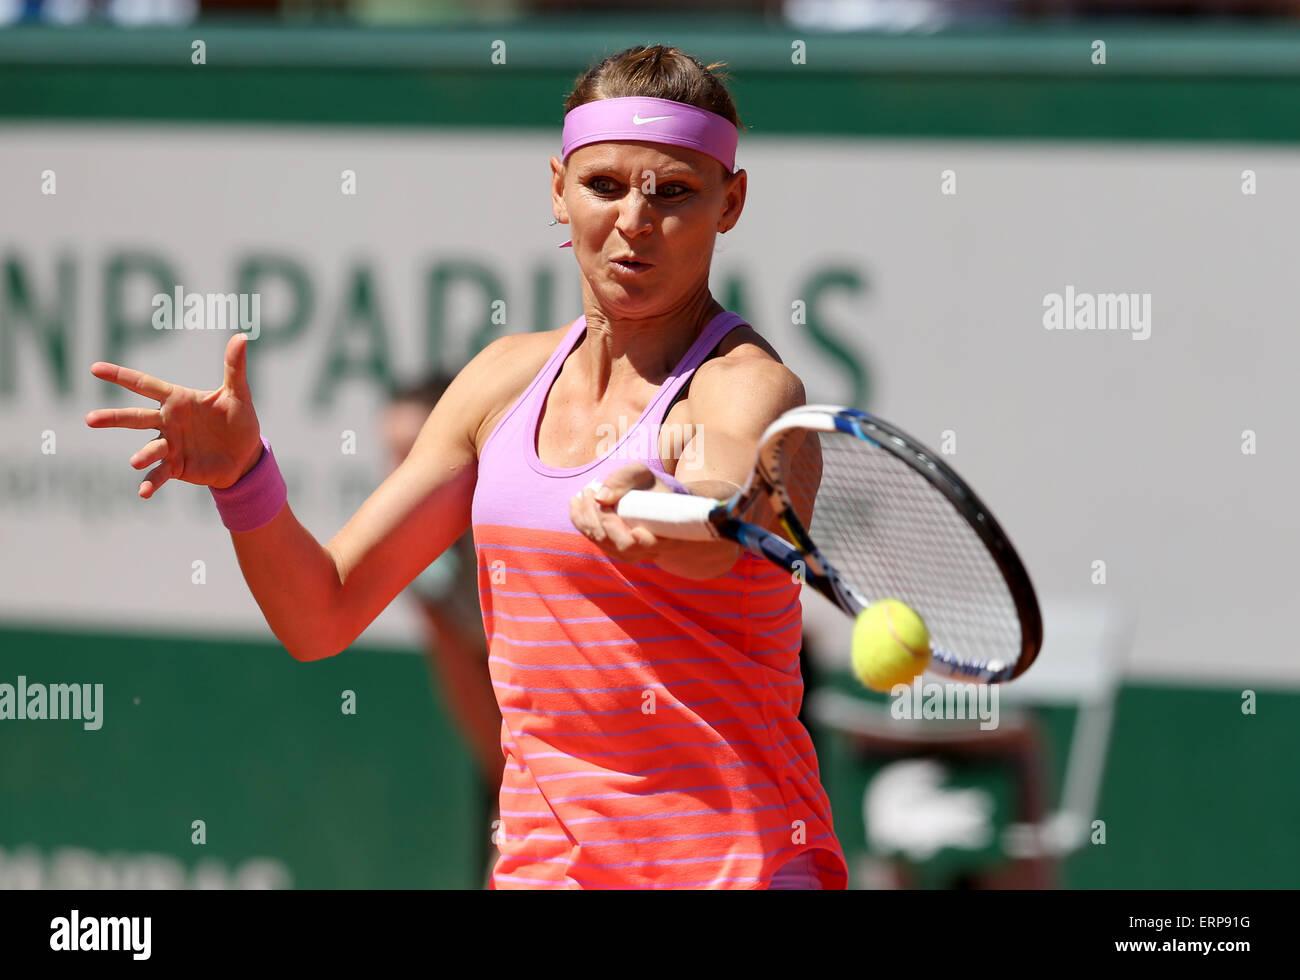 Paris, Frankreich.  6. Juni 2015. Lucie Safarova von Tschechien konkurriert im Dameneinzel Finale gegen Serena Williams Stockbild